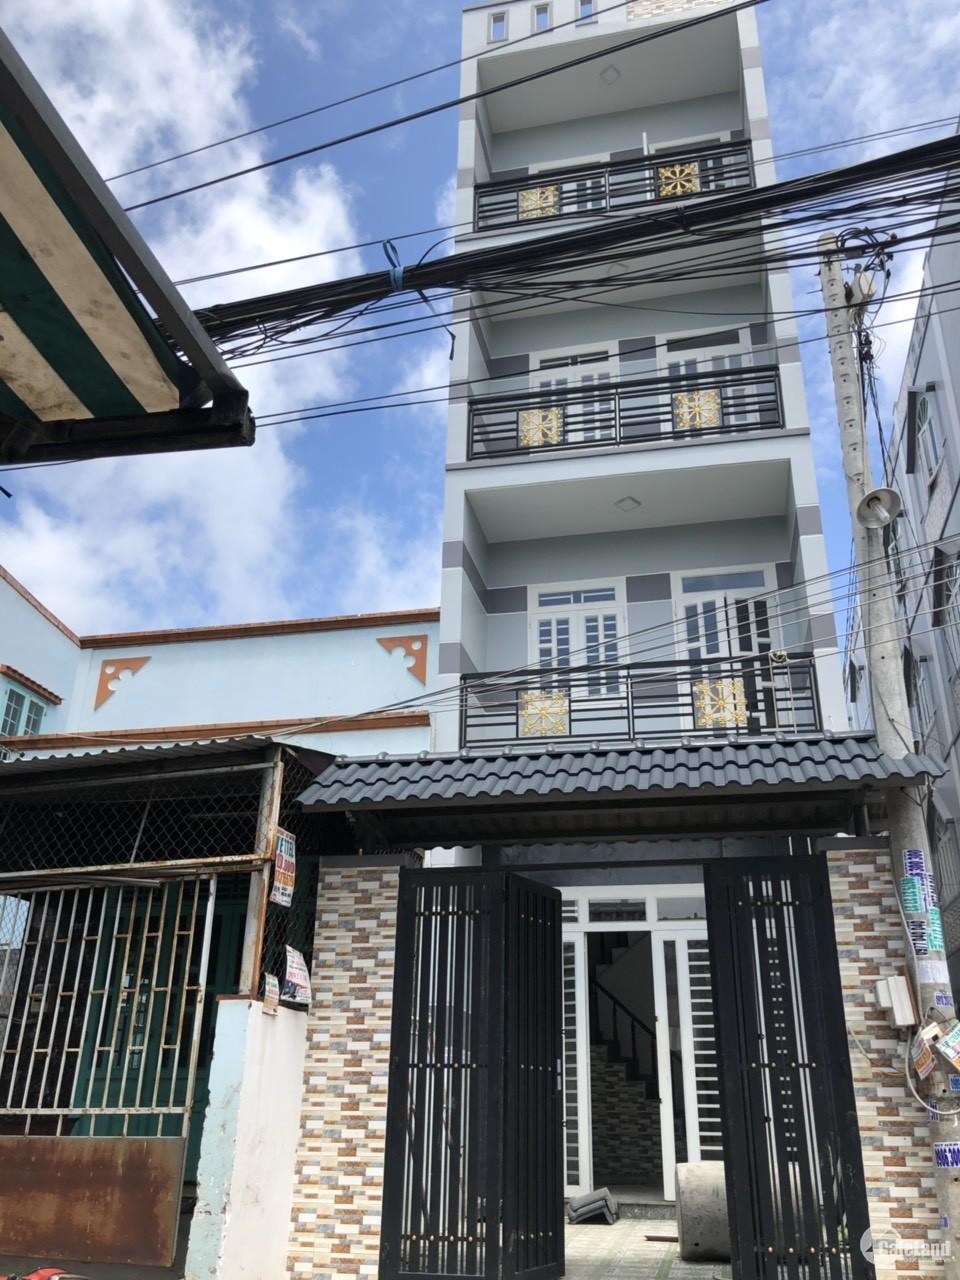 Bán Nhà 4 Tấm Đúc Thật Quận Bình Tân,Sổ Hồng Công Chứng,Giá 1 Tỷ 790